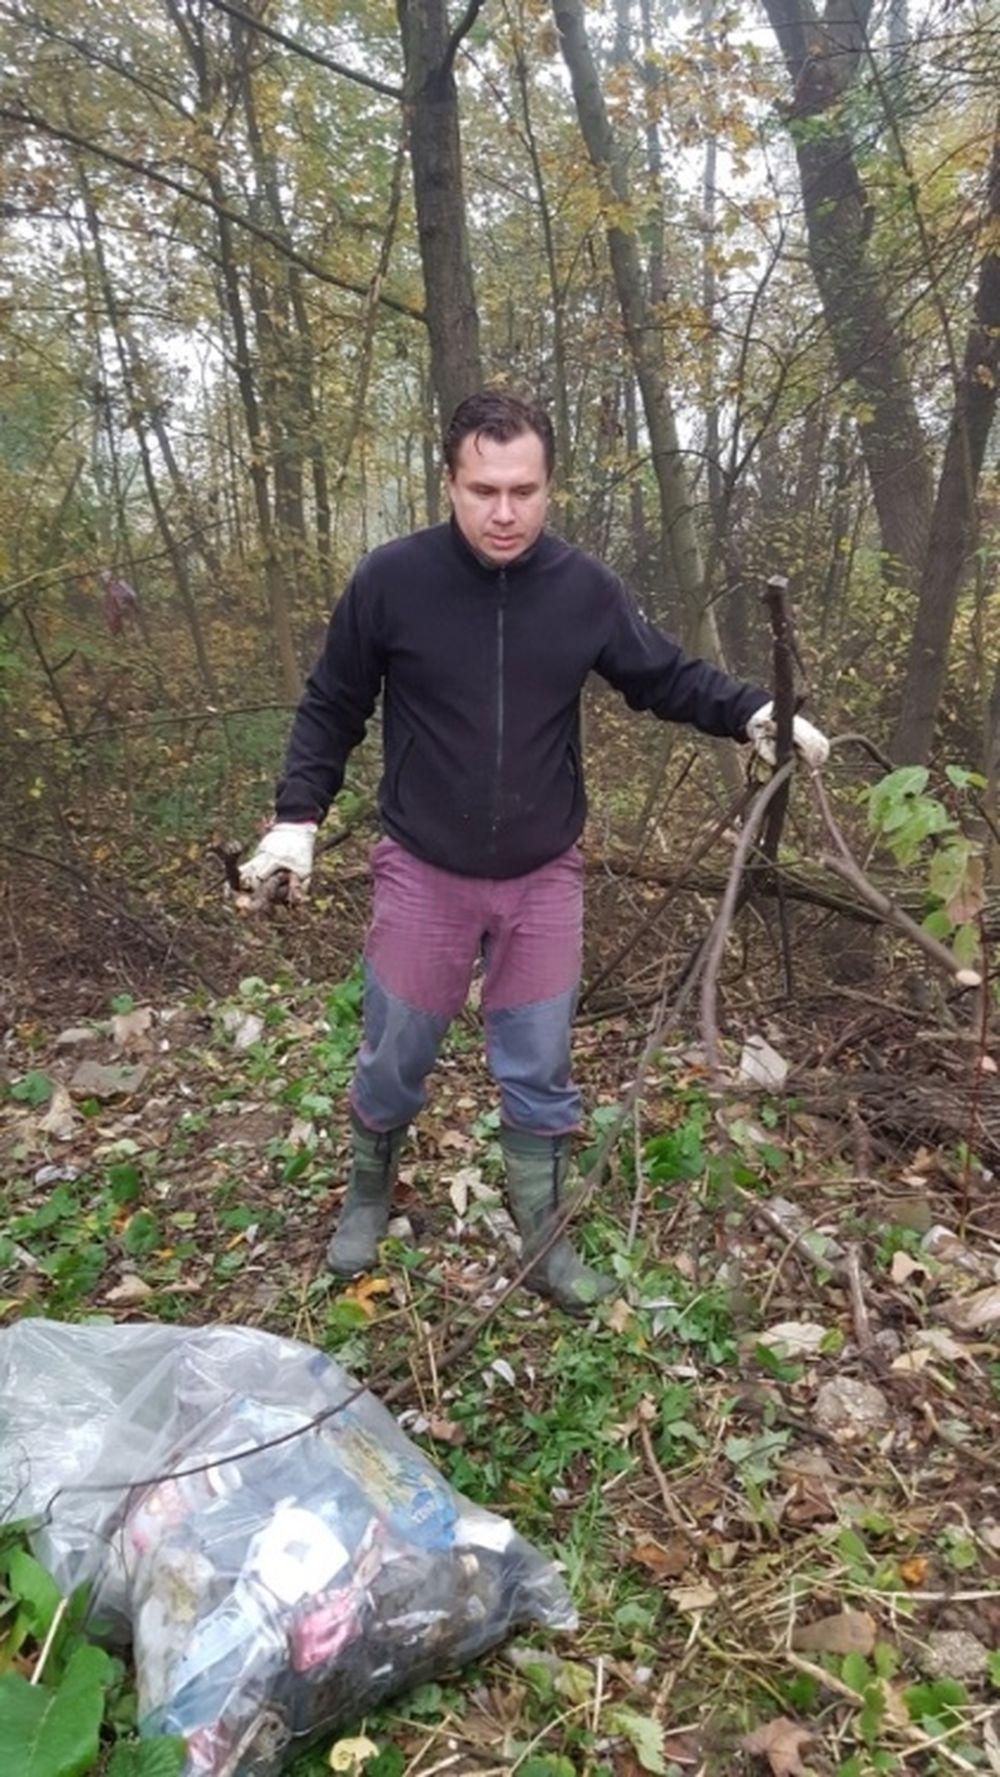 FOTO: Dobrovoľníci opäť vyčistili Čížov jarok v žilinskom lesoparku, foto 5